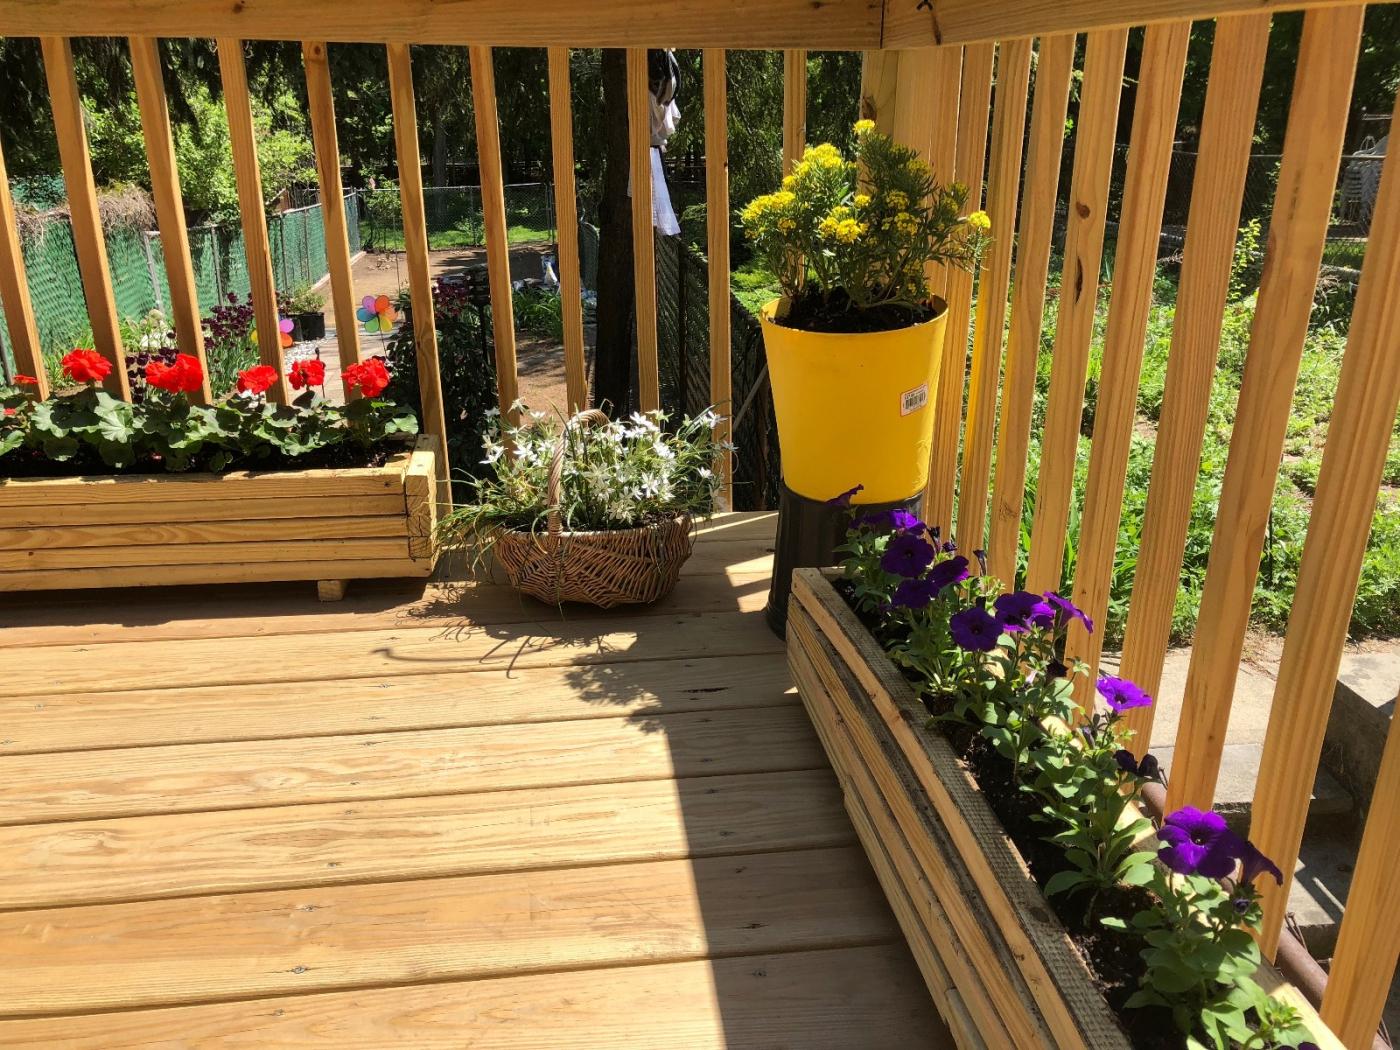 【田螺隨拍】分享去THE HOME DEPOT紅地鋪買花的經驗_圖1-10